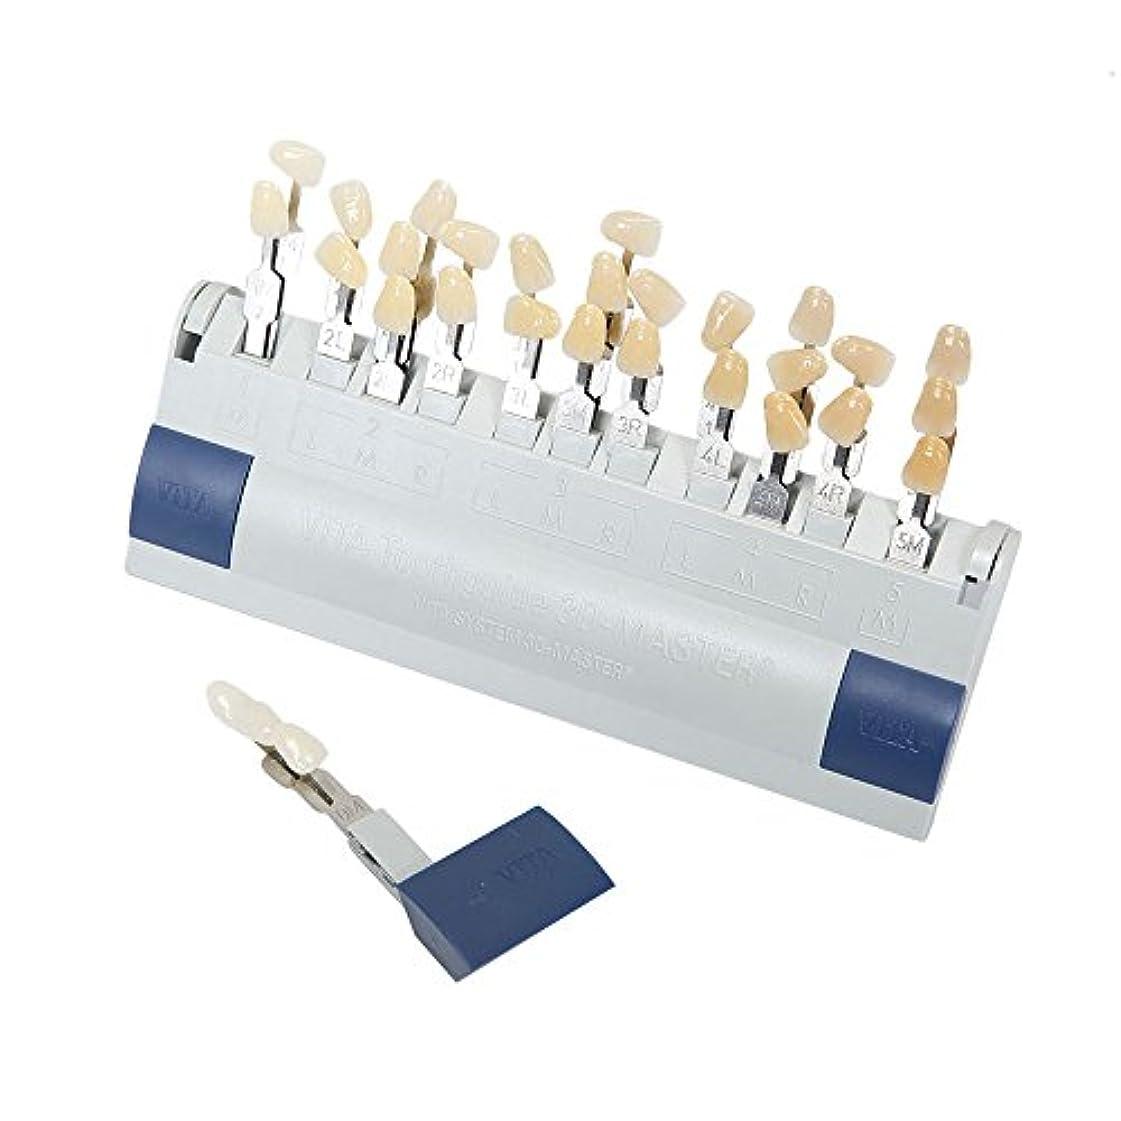 メキシコ田舎者哀れなVITA 歯科ホワイトニング シェードガイド 29色 3D 歯列模型ボード